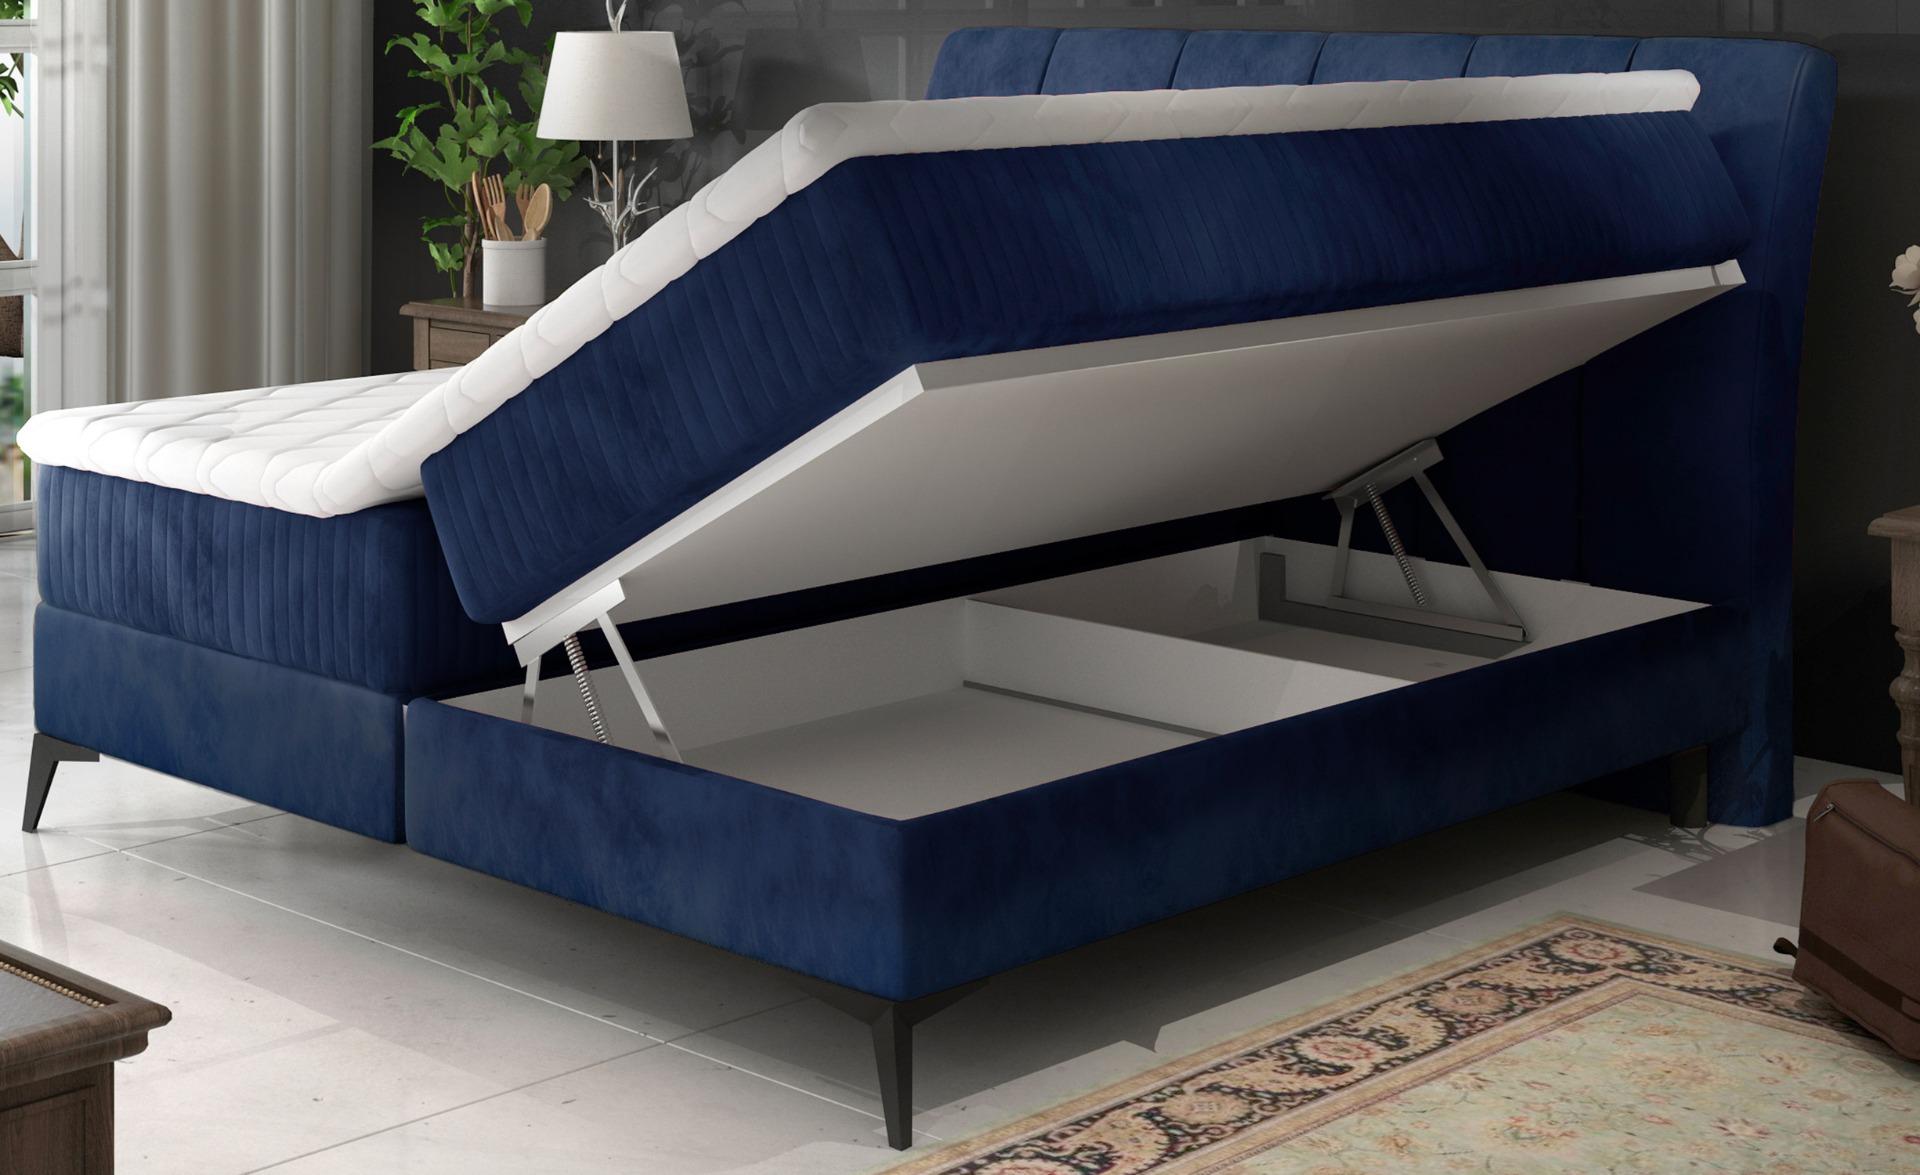 Aderito Bed met opbergruimte 160 cm blauw fluweel